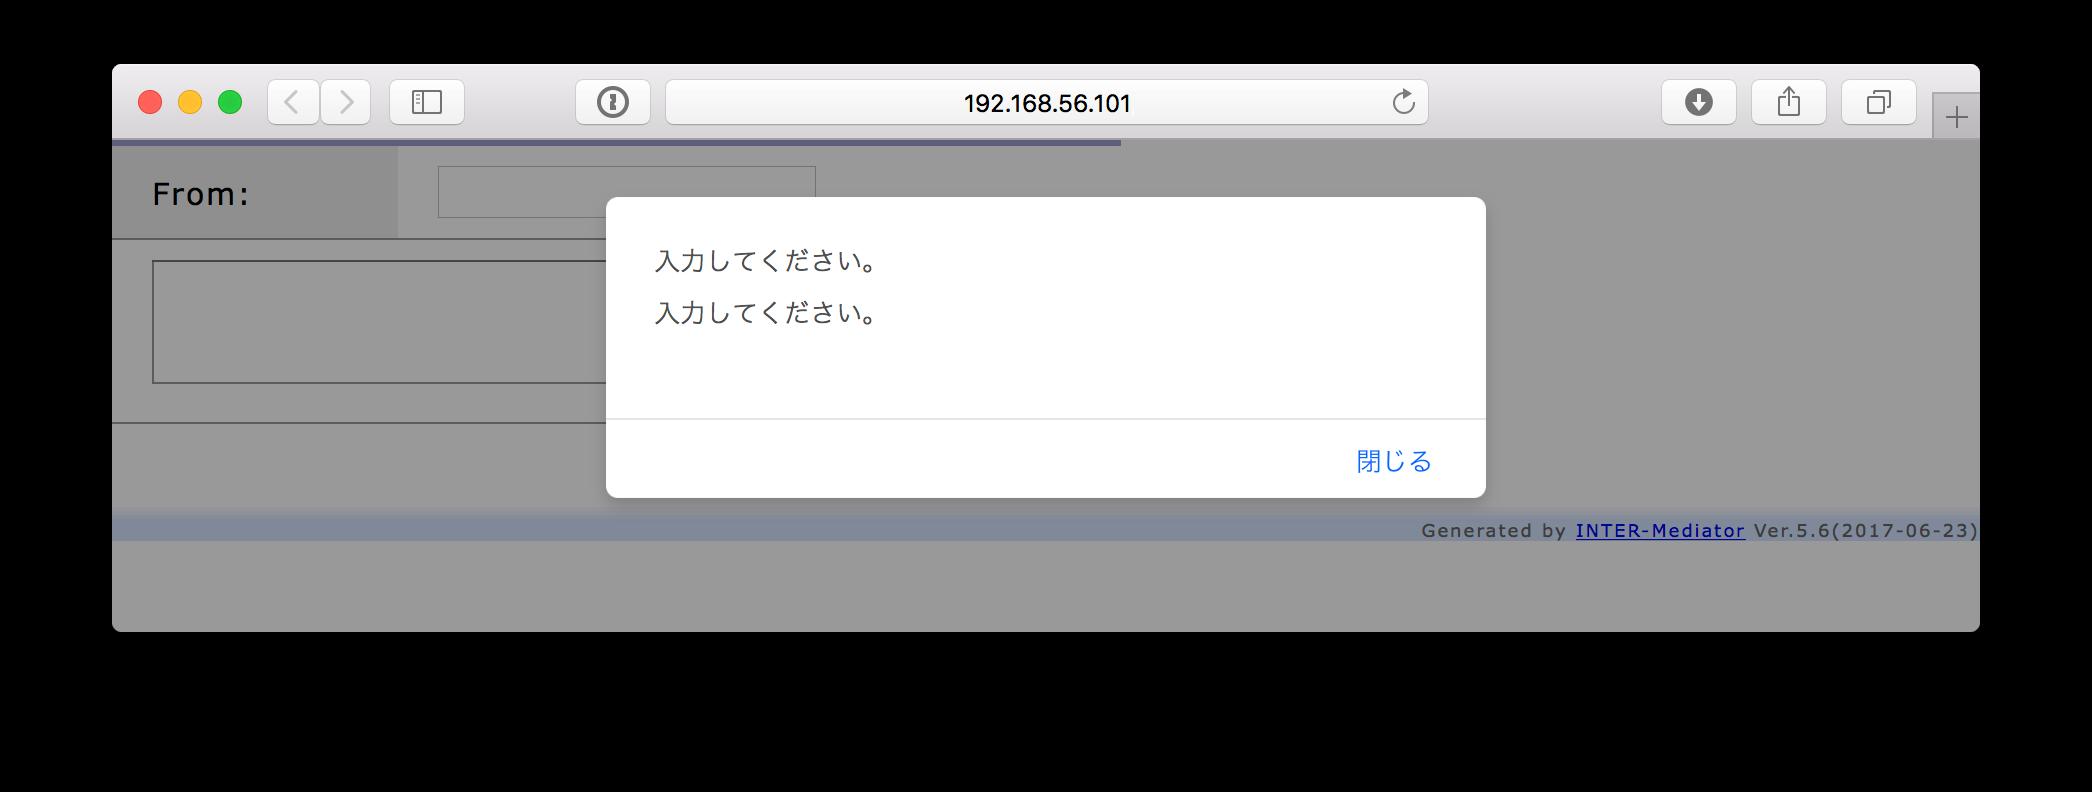 スクリーンショット 2017-11-25 12.49.57.png